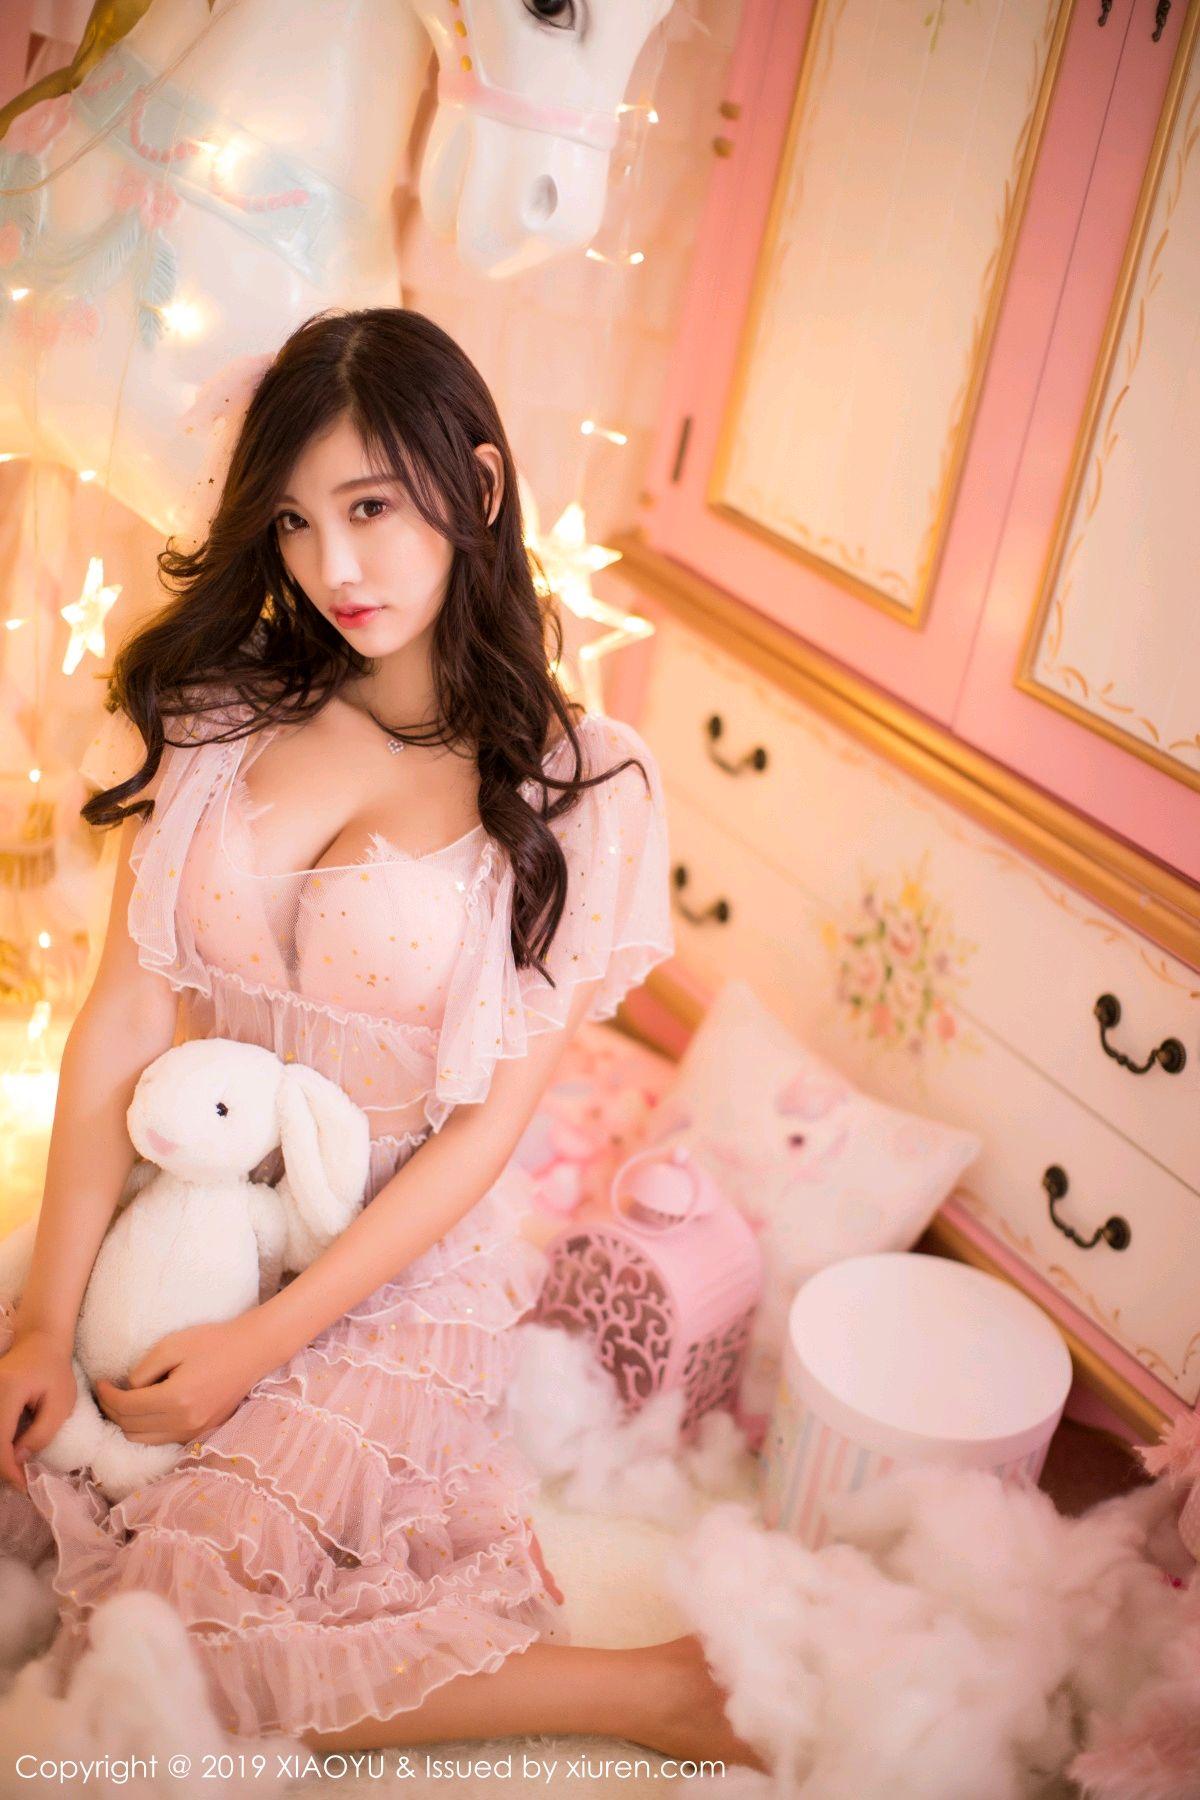 [XiaoYu] Vol.059 Christmas Theme 2P, Christmas, Underwear, XiaoYu, Yang Chen Chen